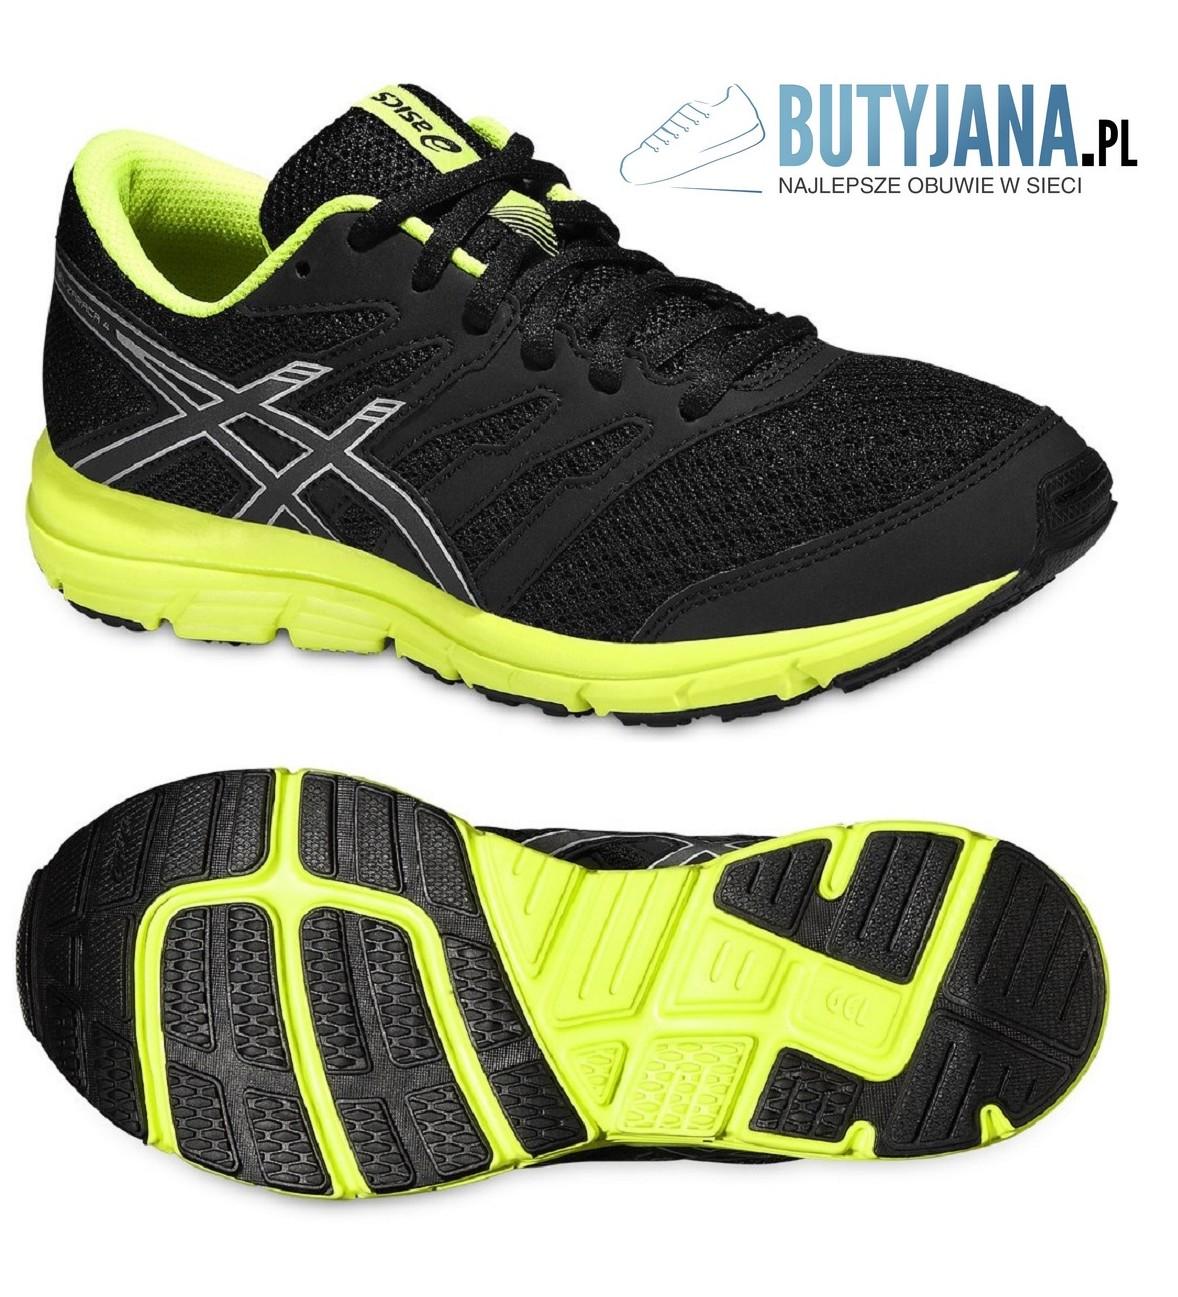 adidasy-damskie-do-biegania-czarne-tanio